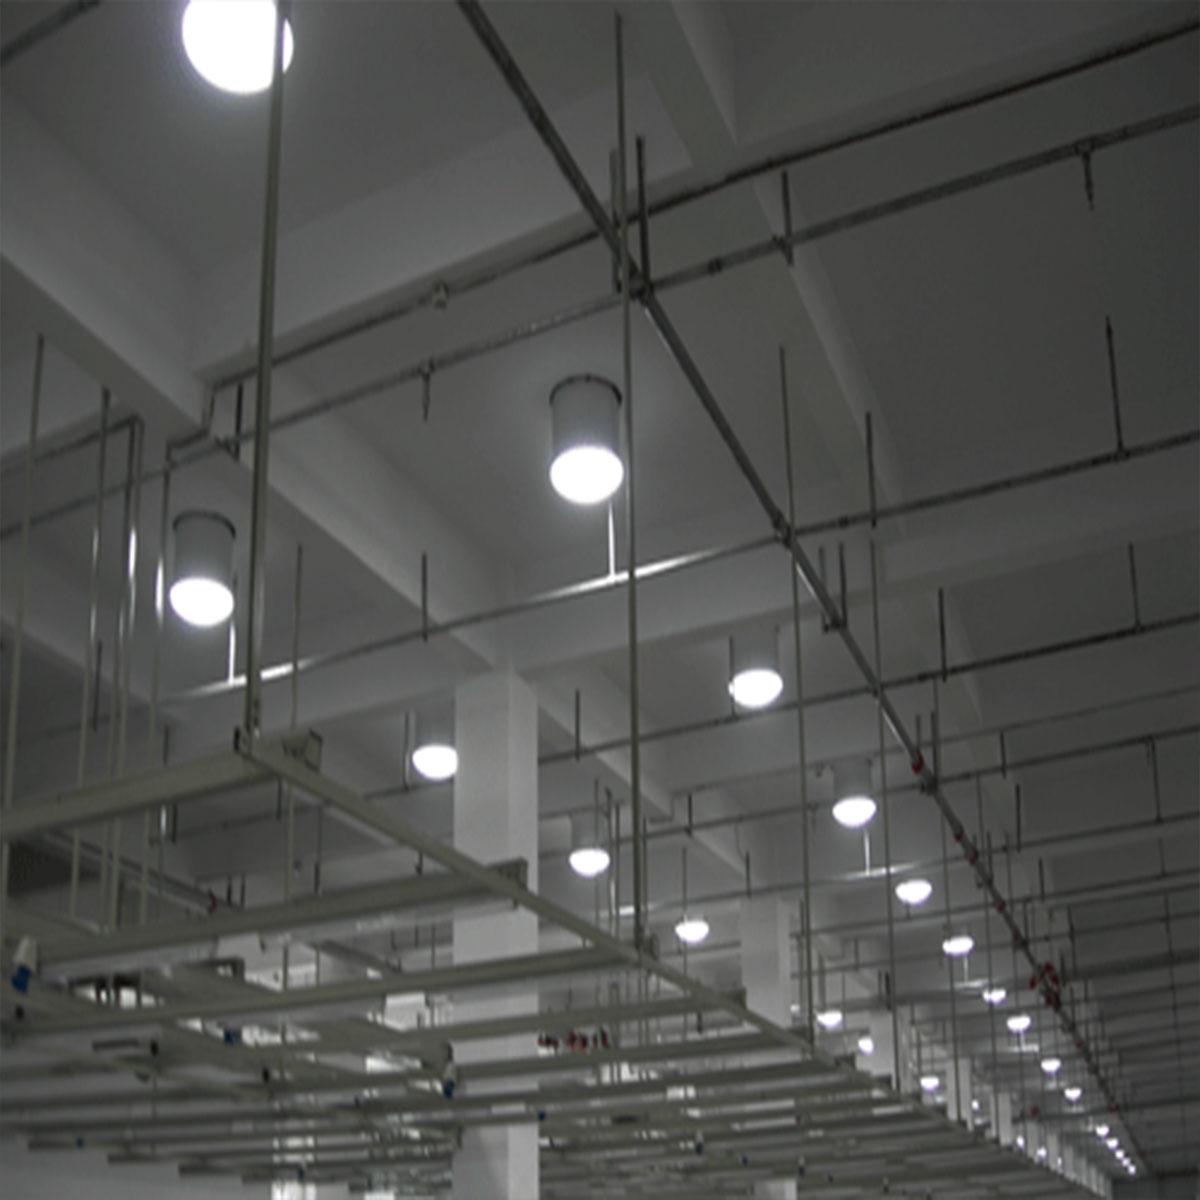 导光管式照明系统